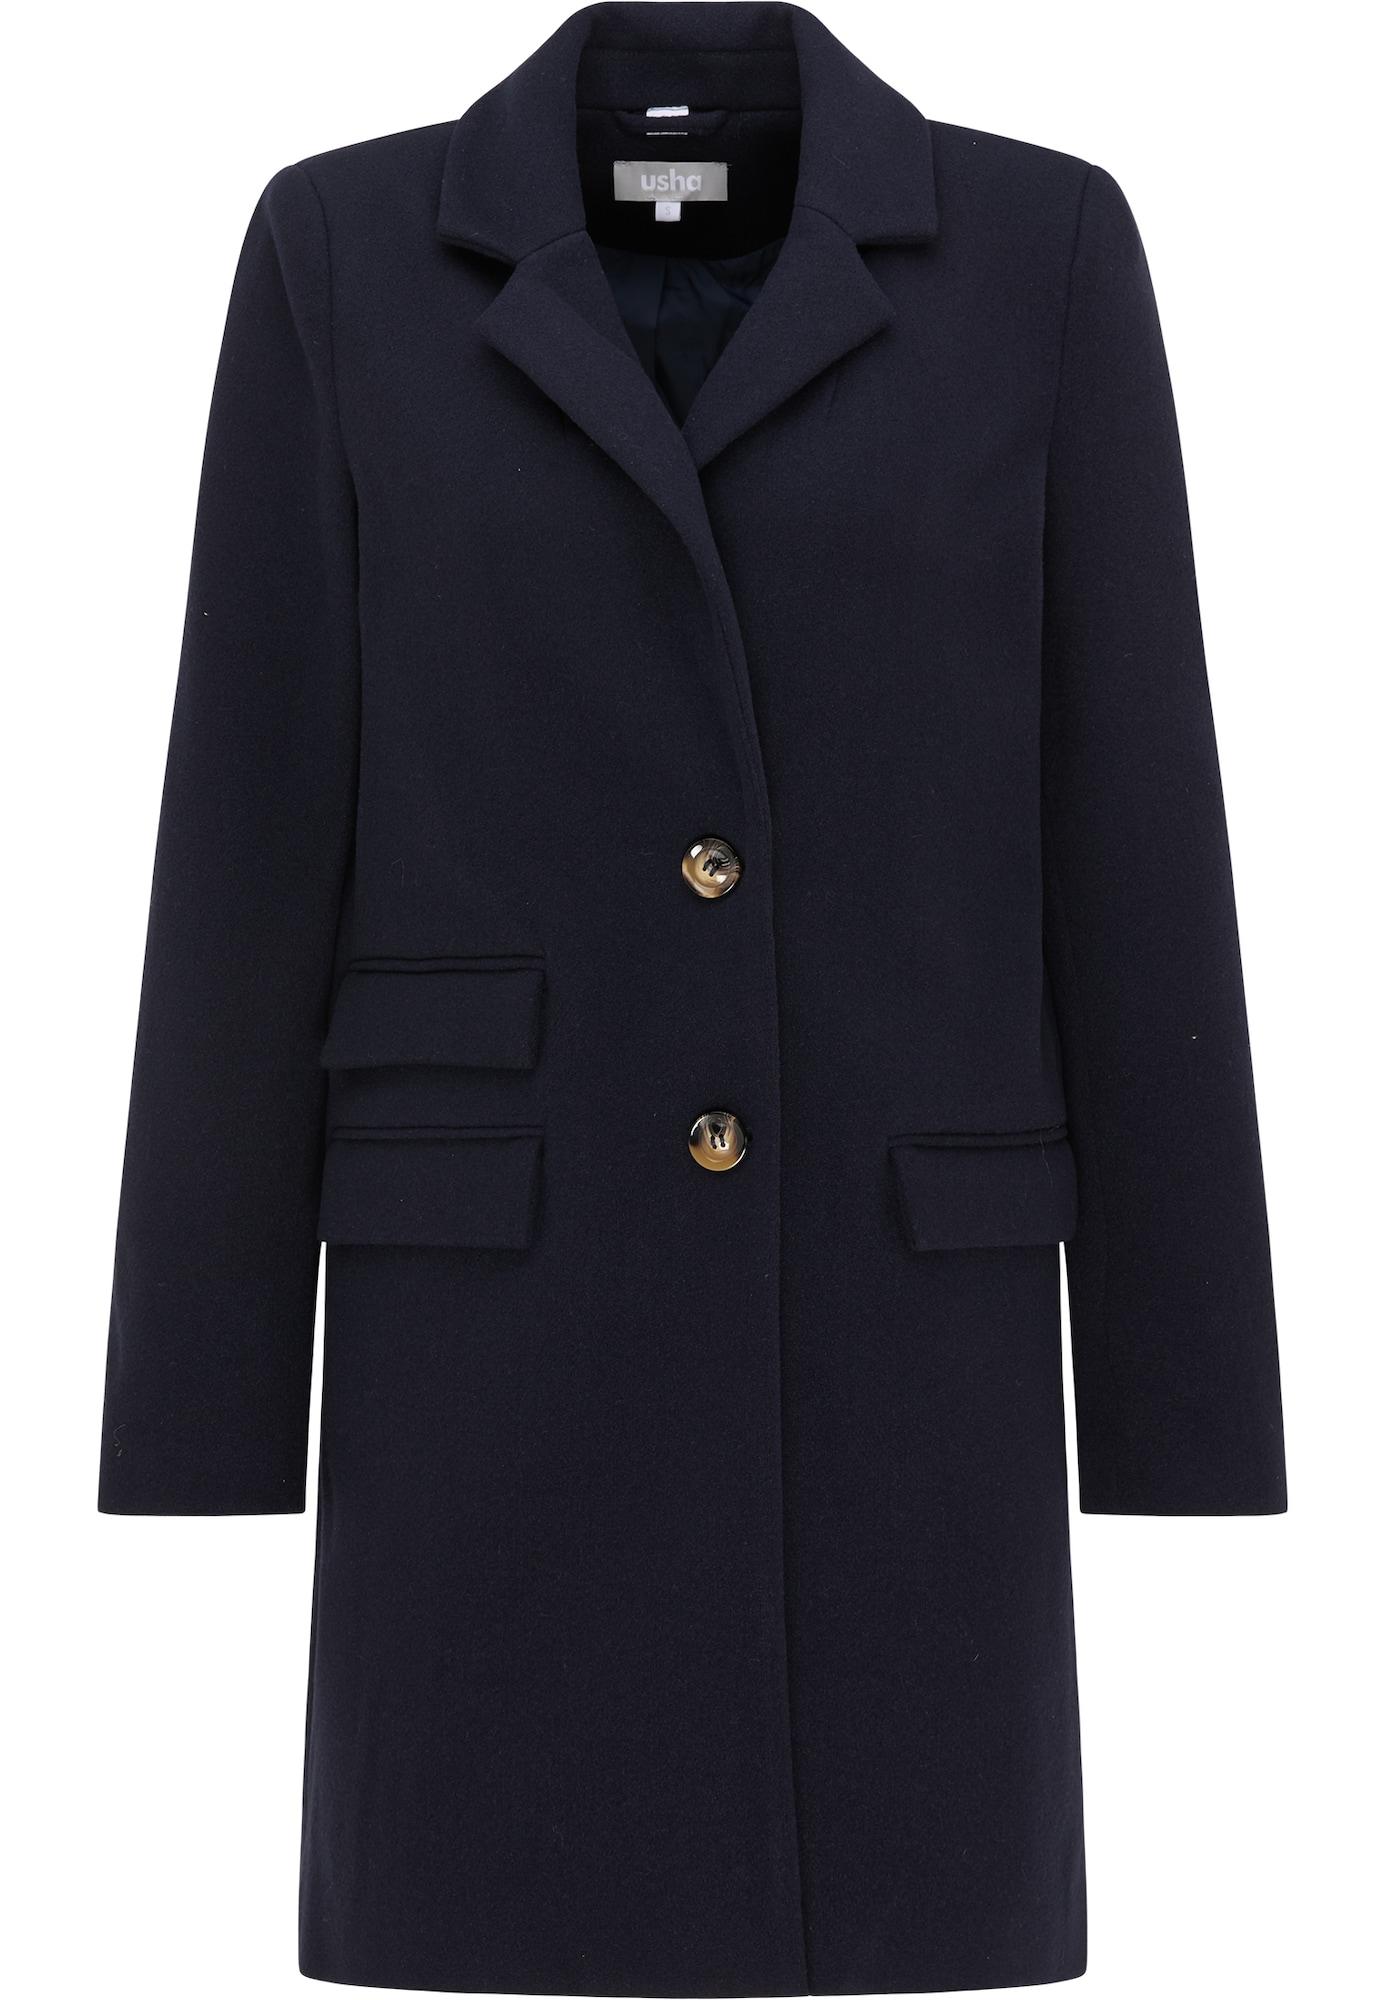 - CONTRAER - Demisezoninis paltas tamsiai mėlyna jūros spalva